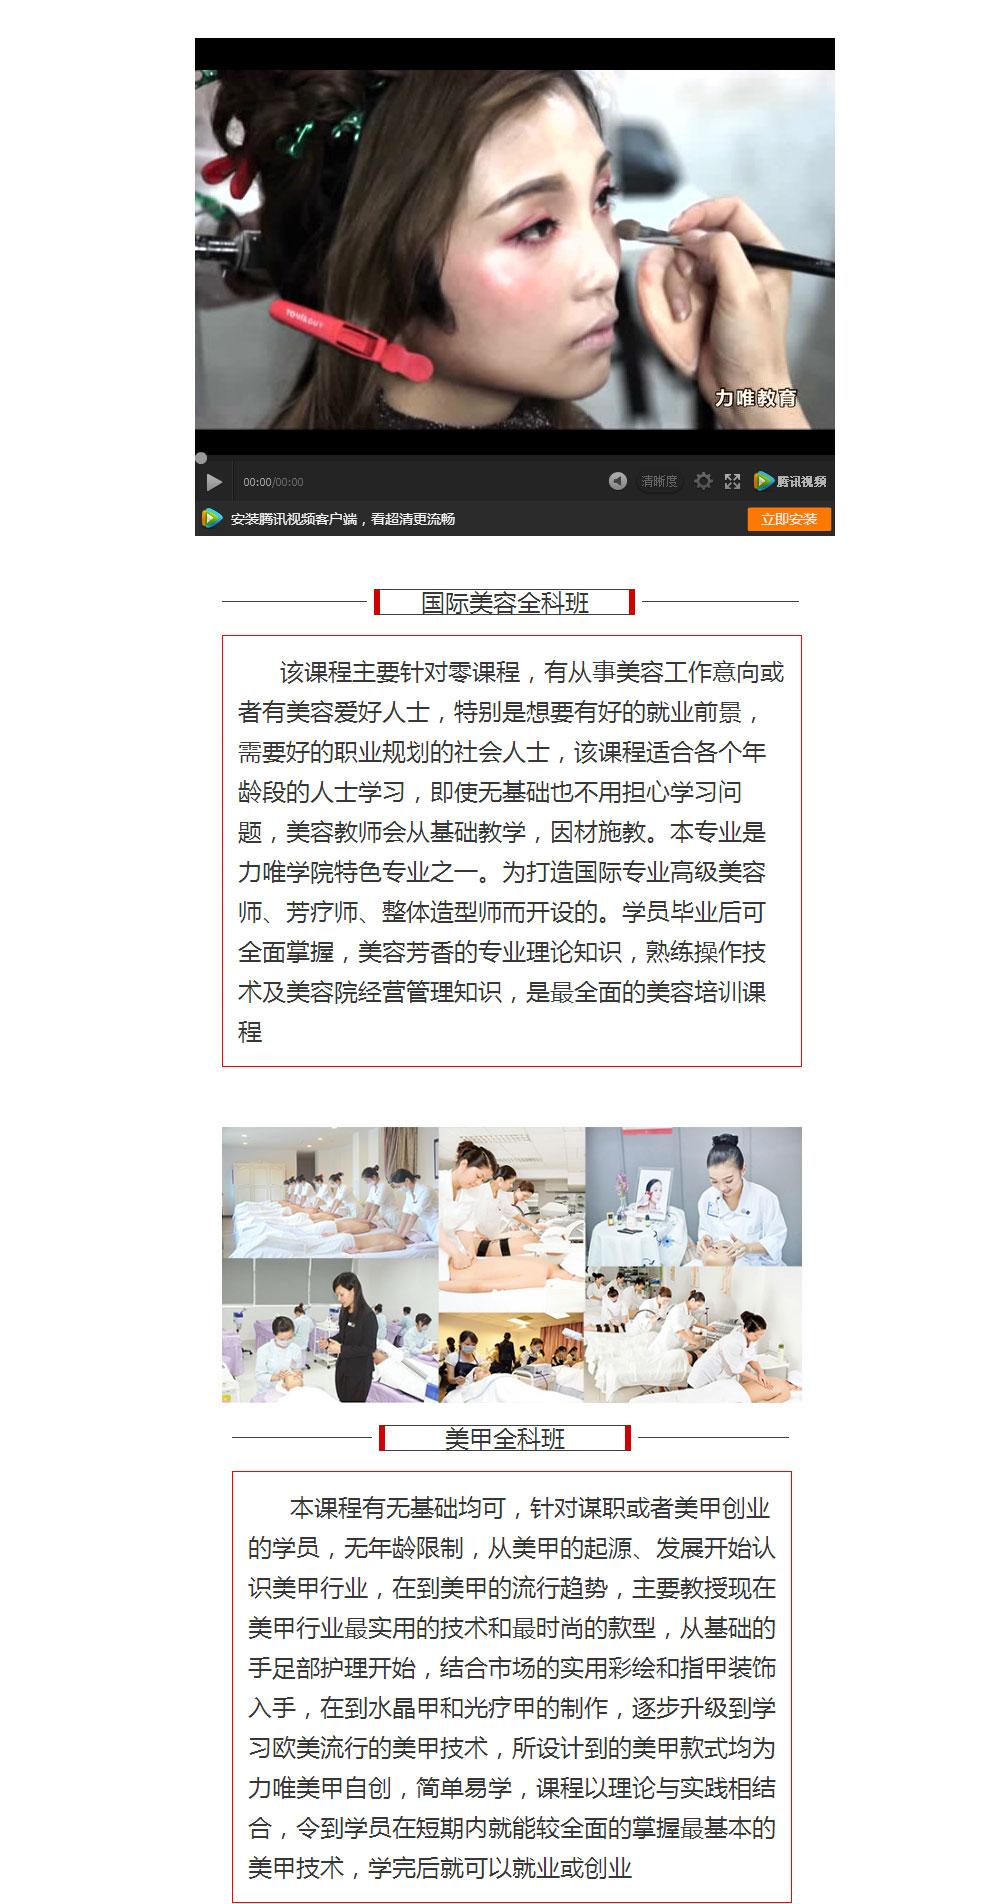 【美容美甲行业】移动端网站仿微信公众号与天涯论坛-网站建设案例 第4张